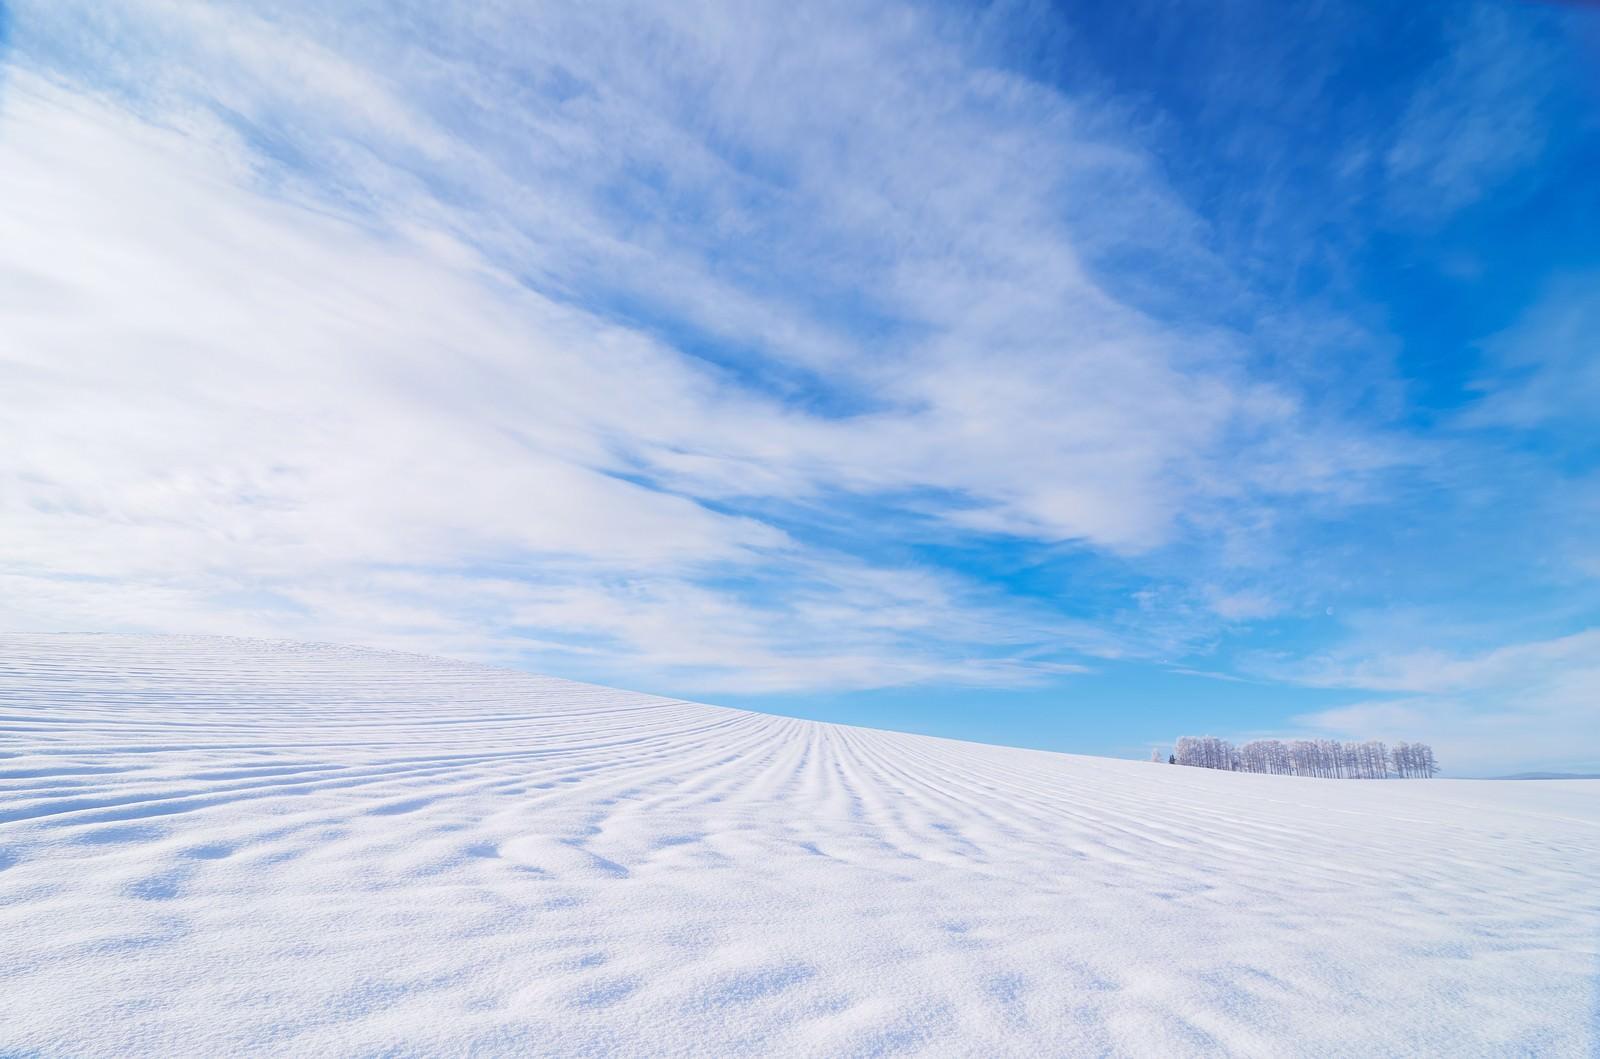 「北海道の広大な雪原北海道の広大な雪原」のフリー写真素材を拡大